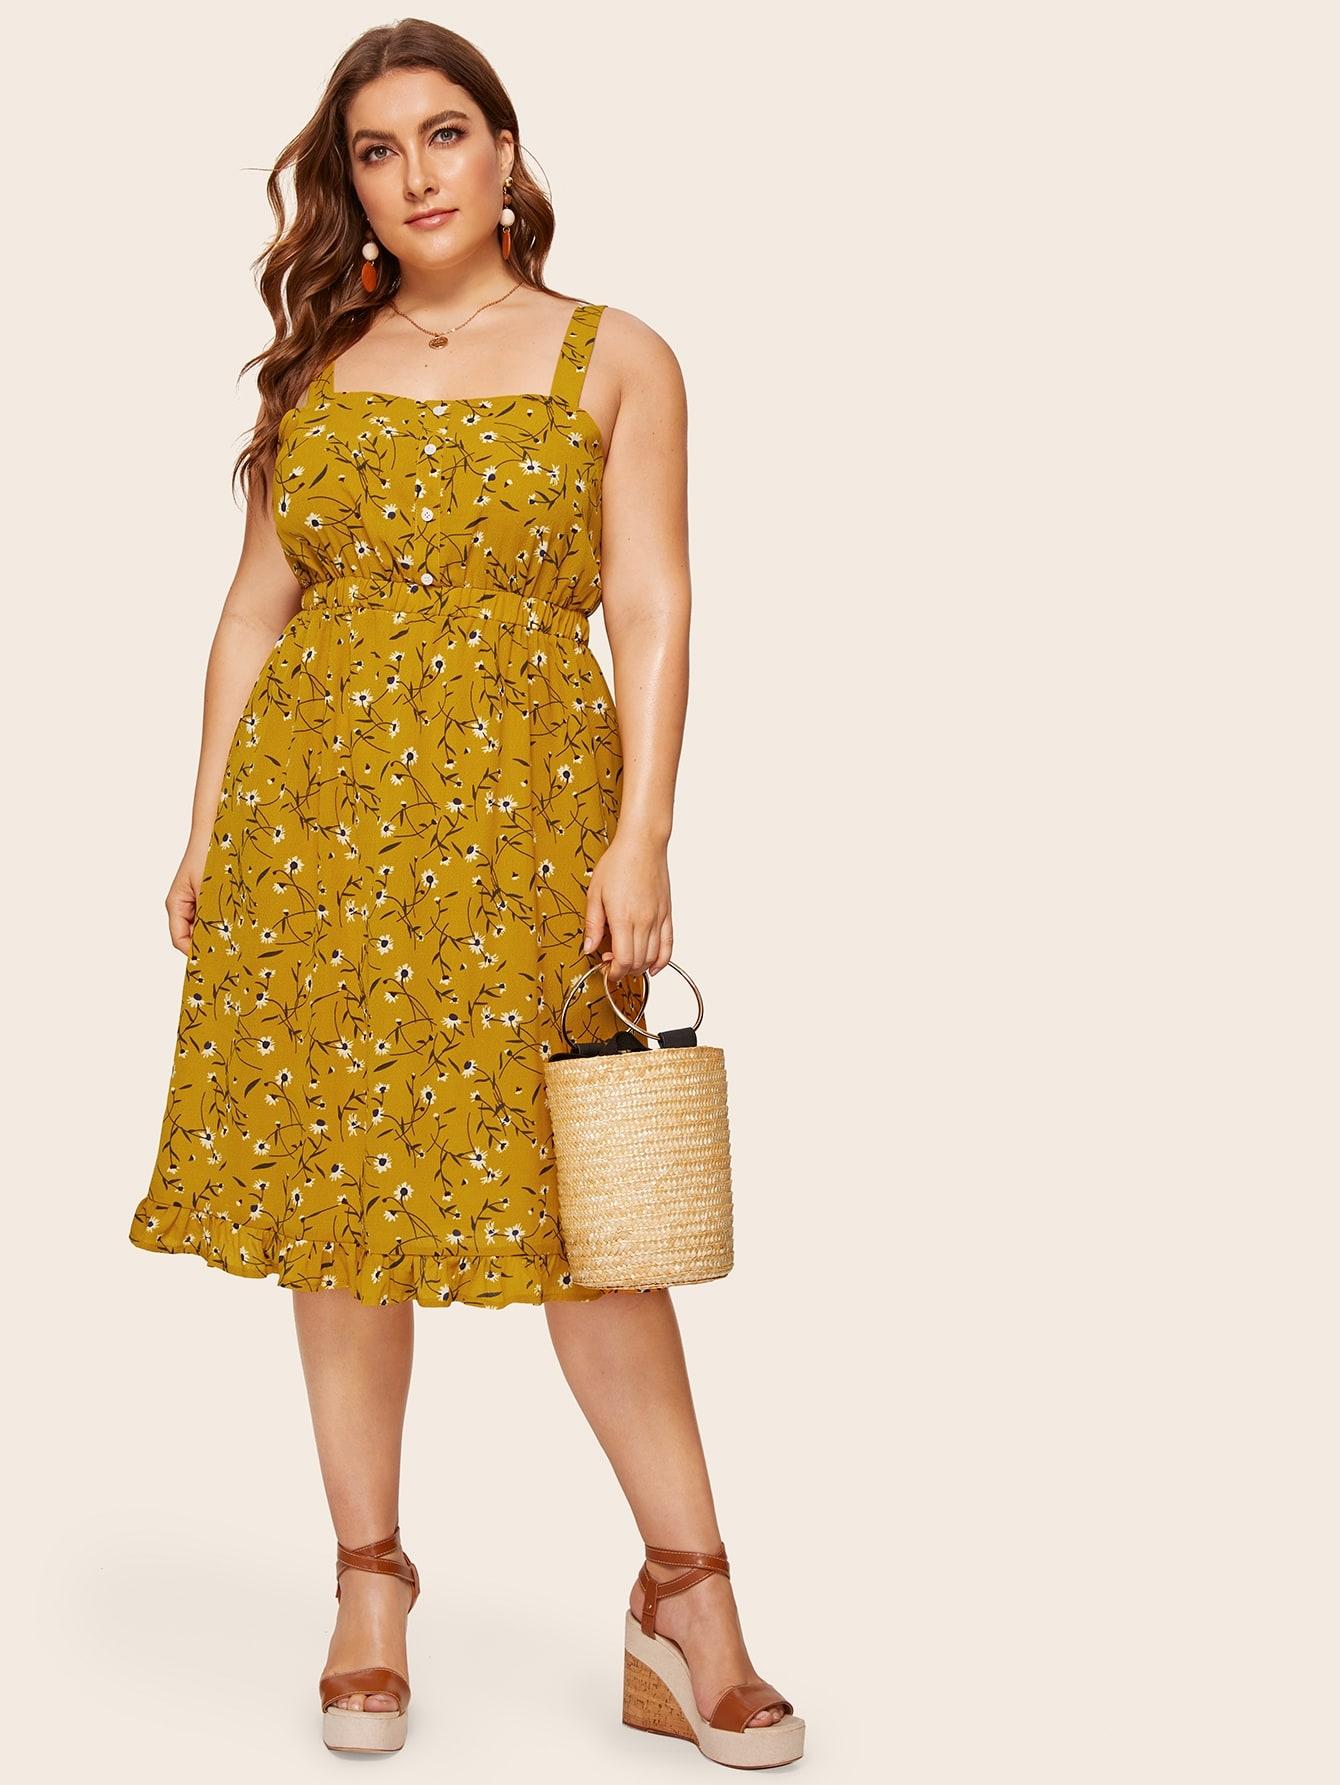 Цветочное платье на бретелях с оборками размера плюс